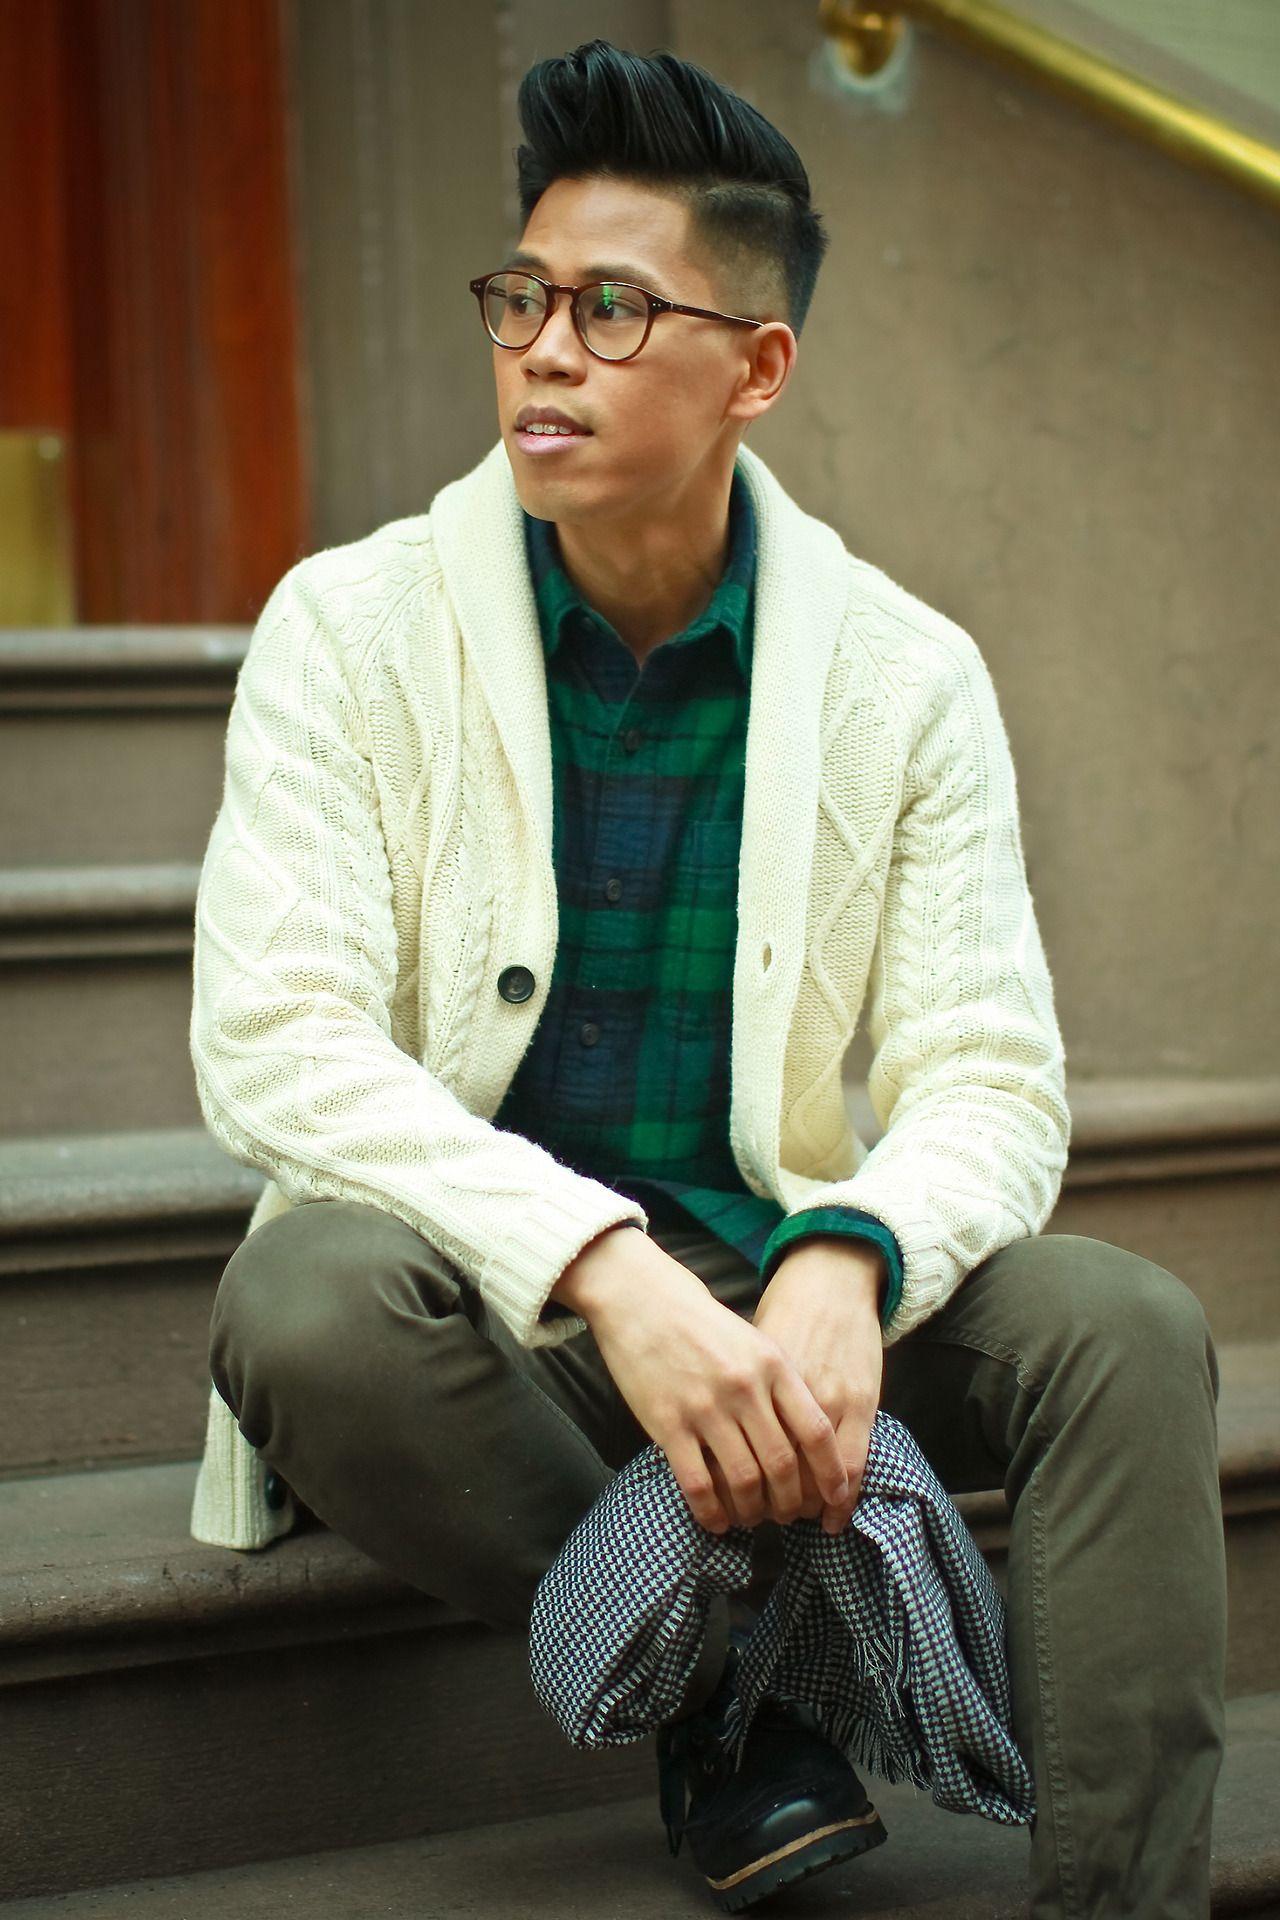 OUTFIT: Men'sChunky Cardigan Feeling Festive ... | Closet Freaks | Menswear & Personal Style